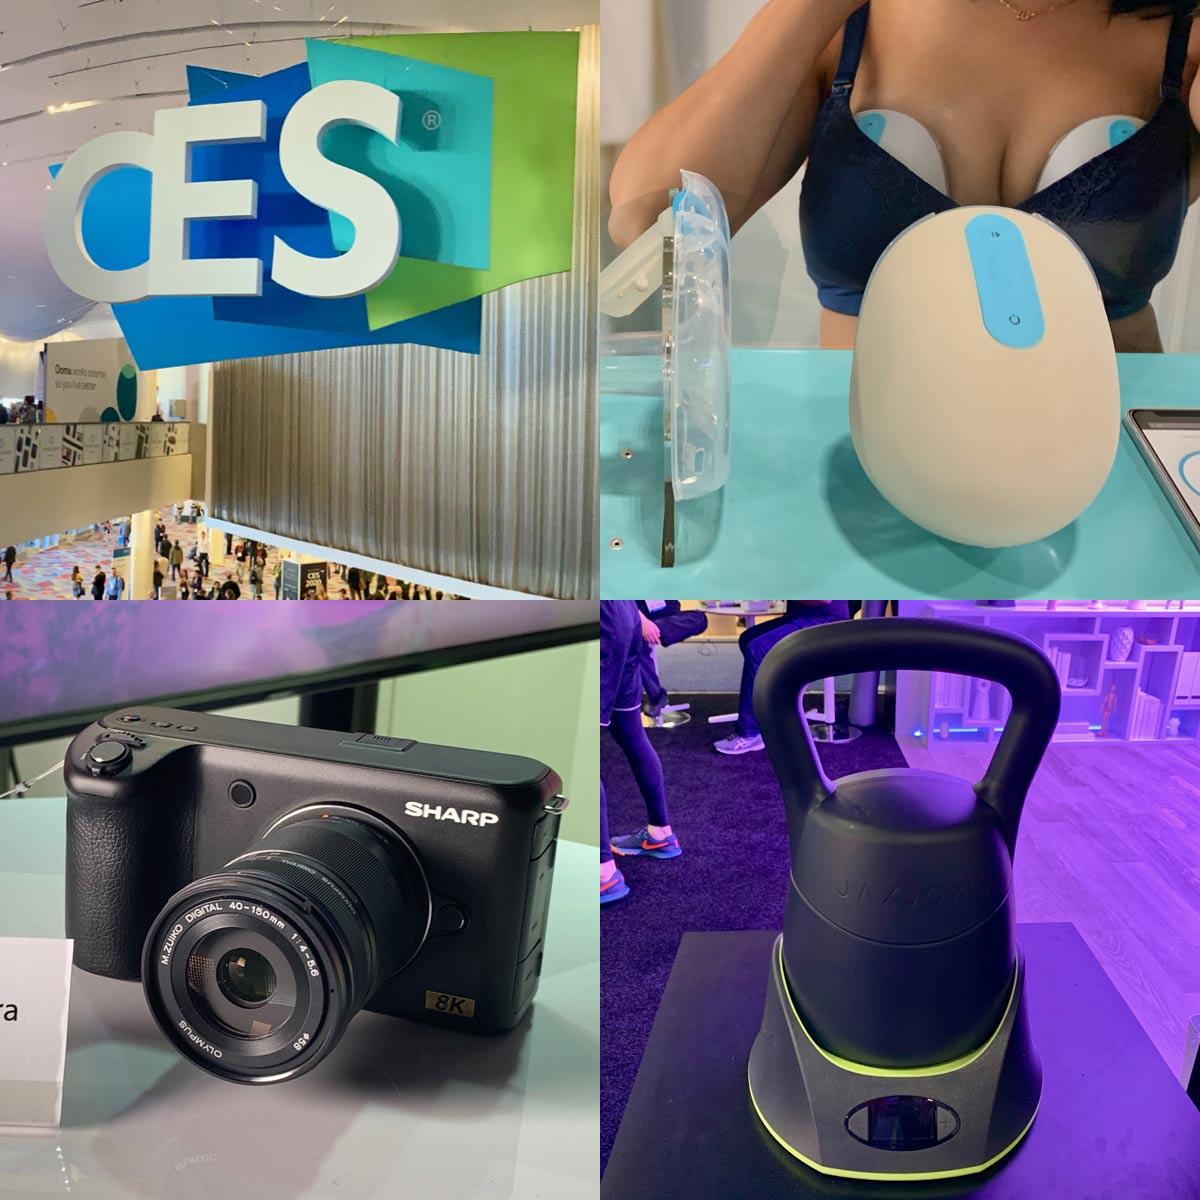 IoT防弾ベストから搾乳機まで! ある意味カオスな面白製品たち@CES 2019